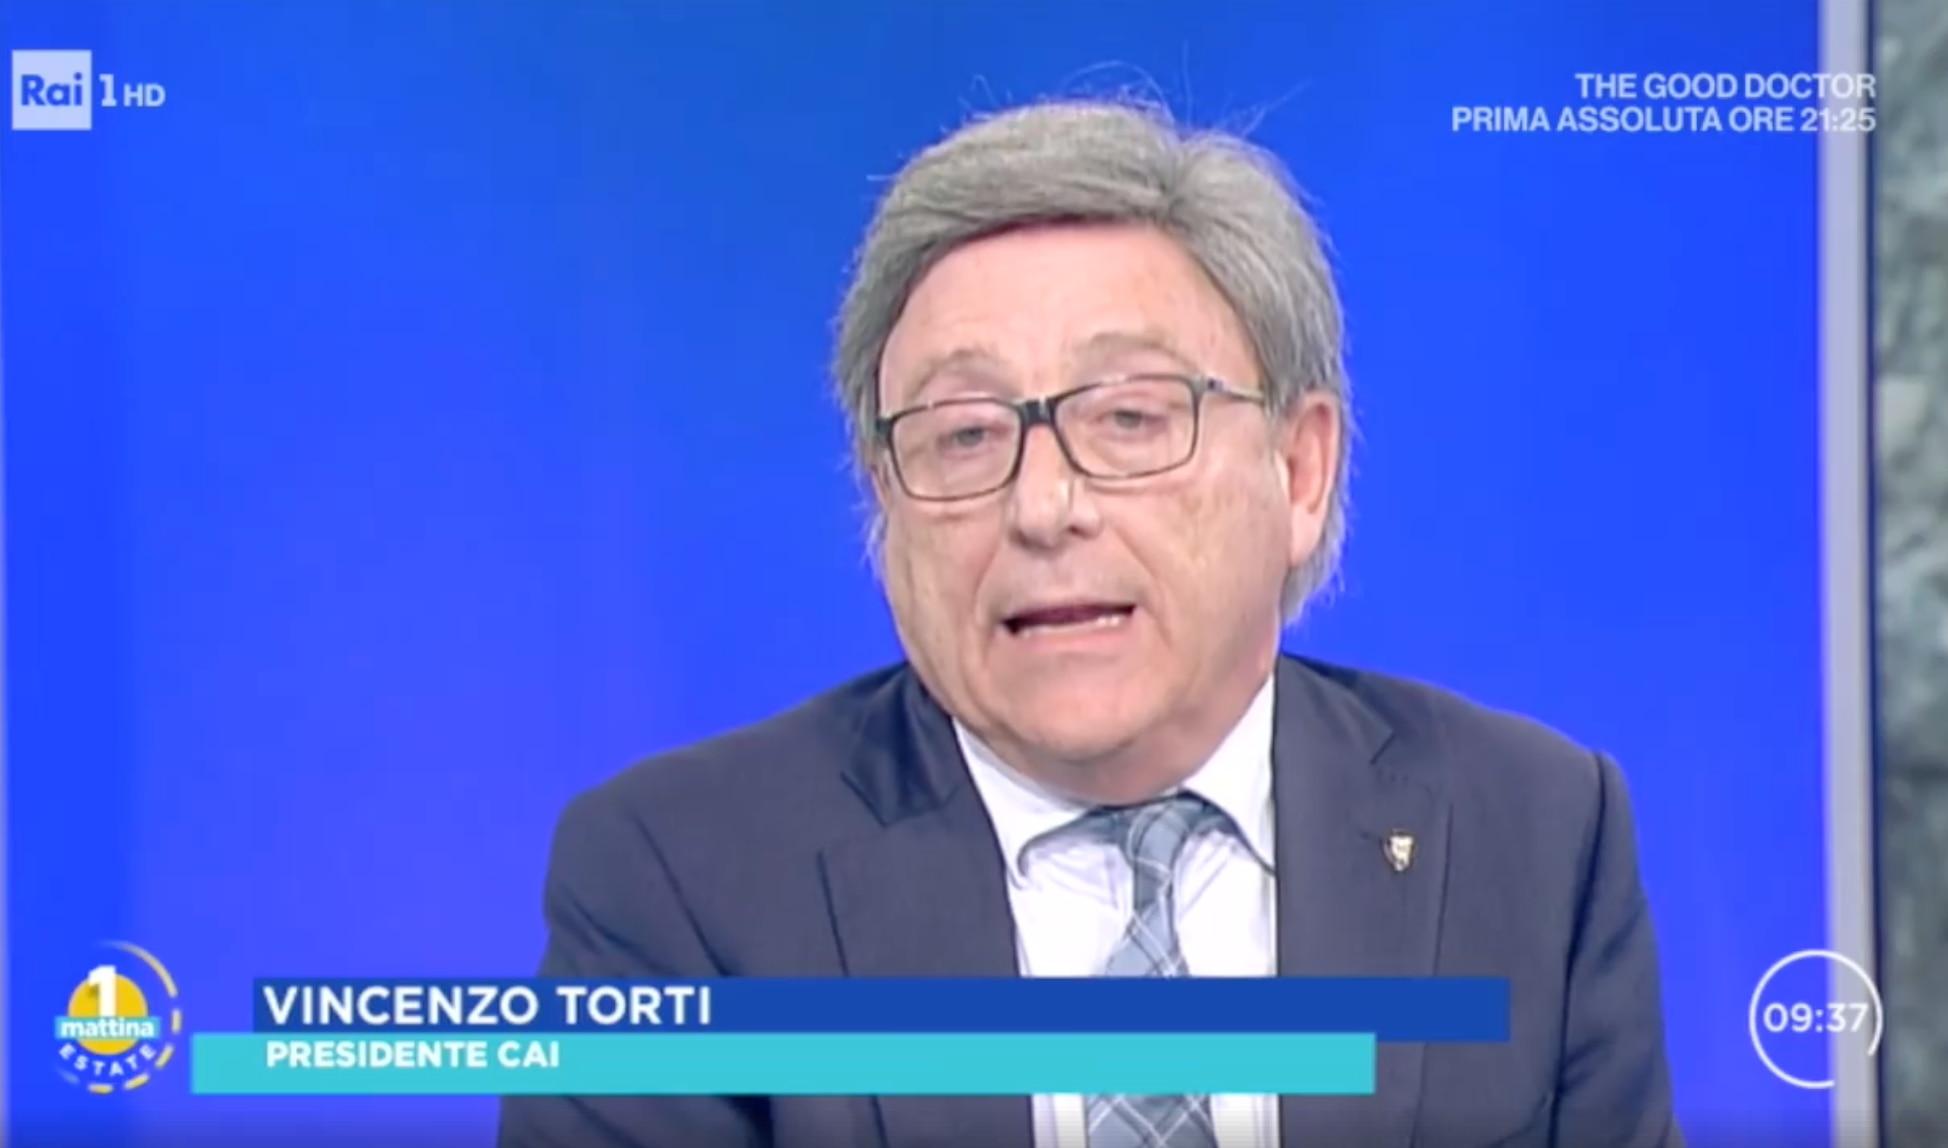 Photo of La montagna come valore, il Presidente del CAI Vincenzo Torti a Uno Mattina su Rai1